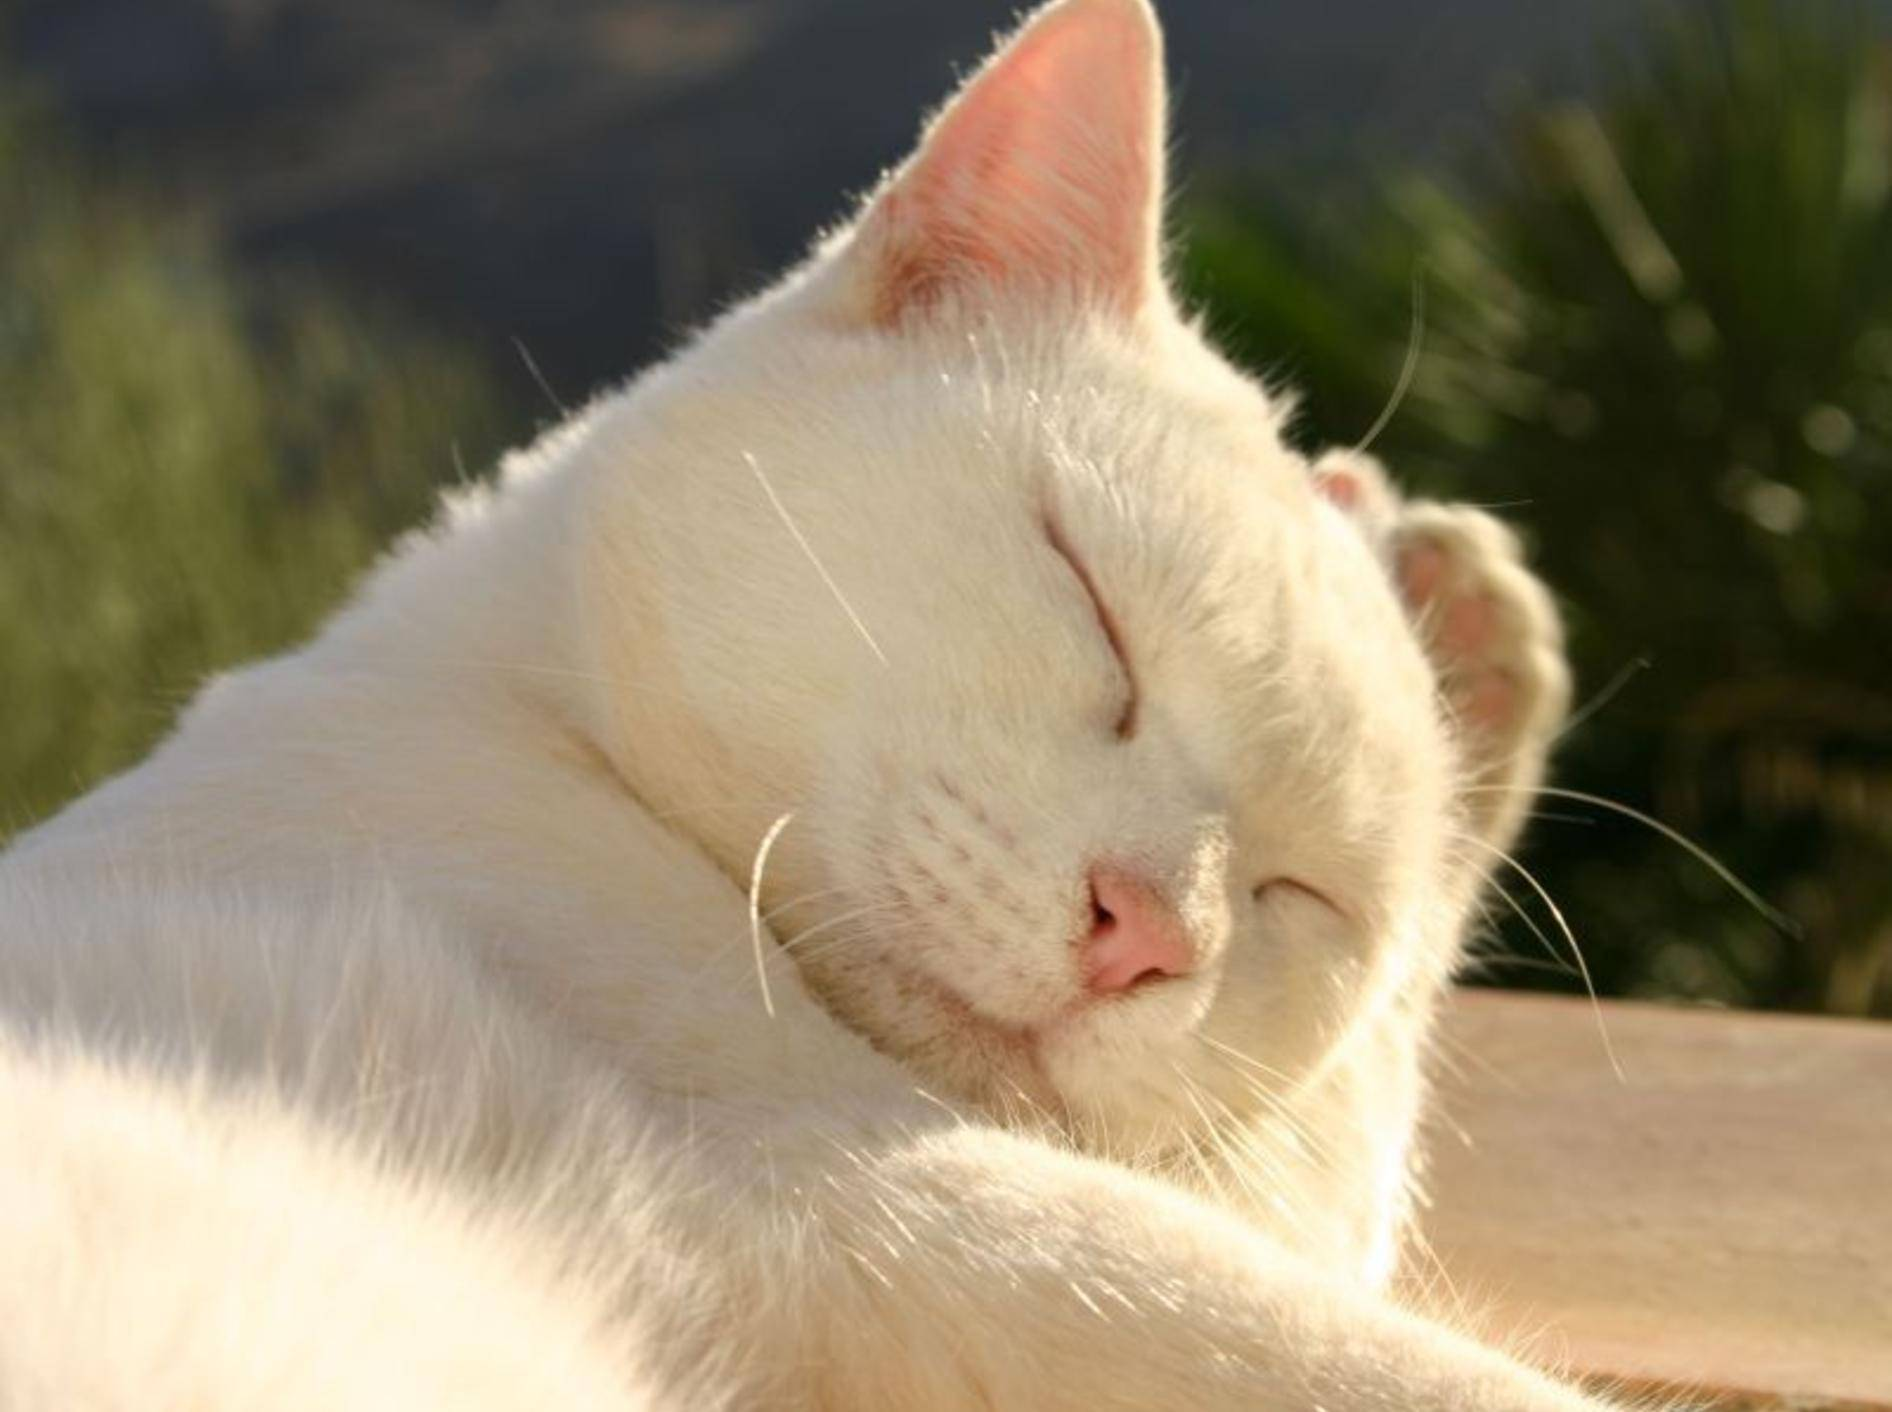 Besonders weiße Katzen sind empfindlich gegen Sommerhitze — Bild: Shutterstock / itakefotos4u